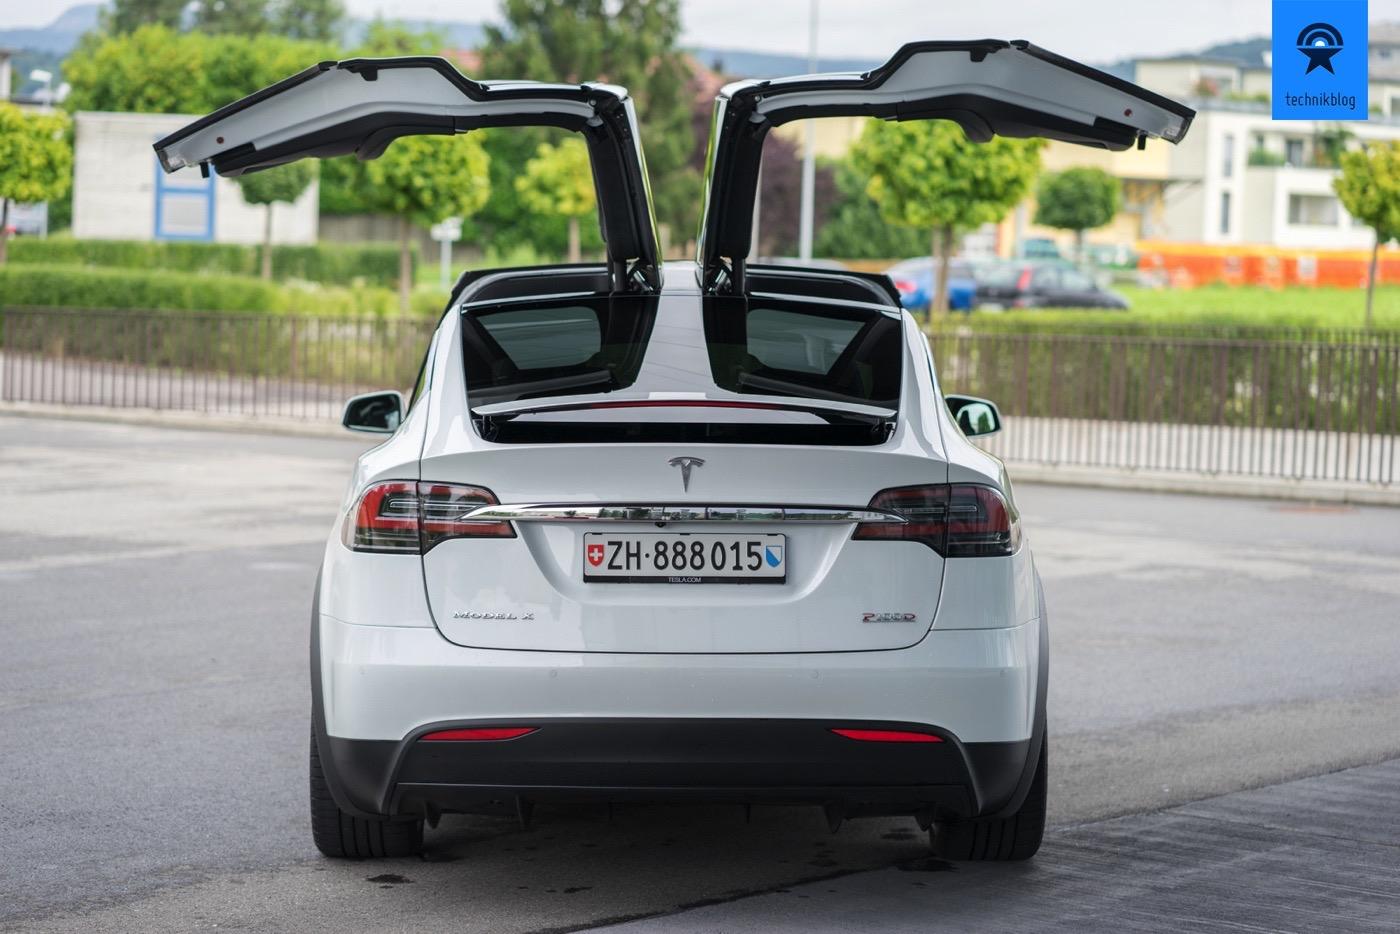 Genau, das Tesla Model X ist das Fahrzeug mit den auffälligen Falcon Wing-Flügeltüren